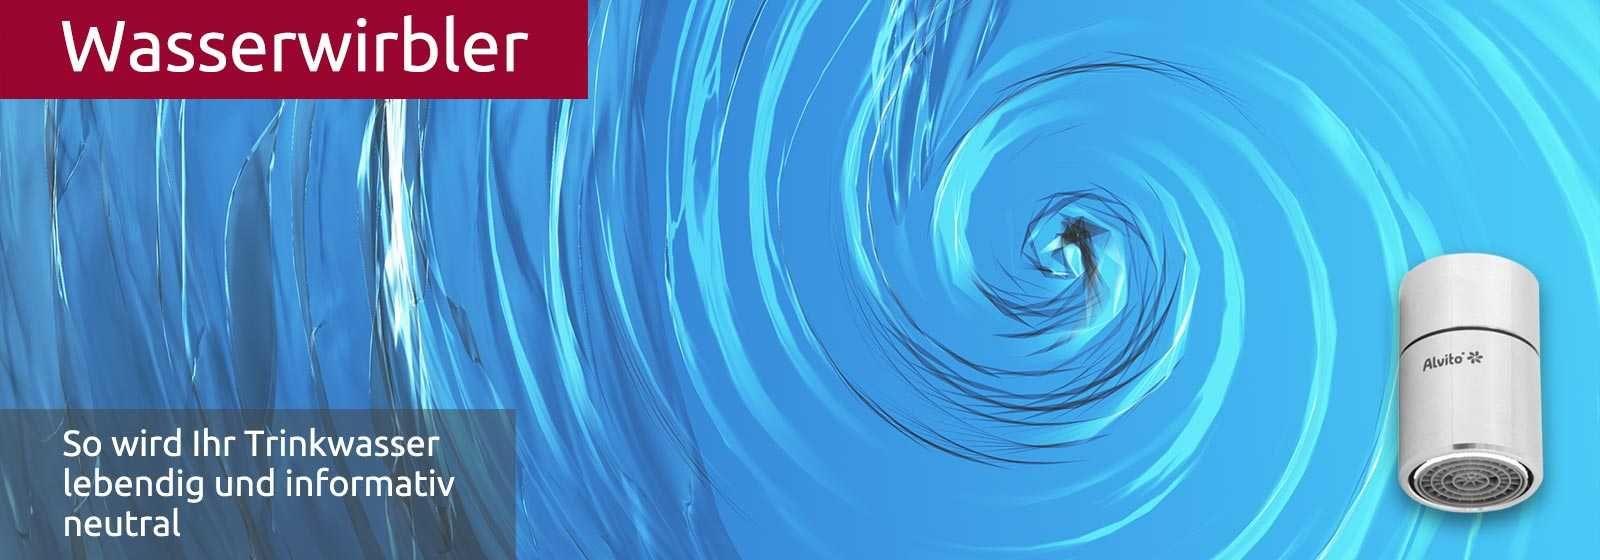 Ein Wasserstrudel von oben gesehen. So verwirbelt der Wasserwirbler von Alternativ Gesund das Wasser und reinigt es so informativ